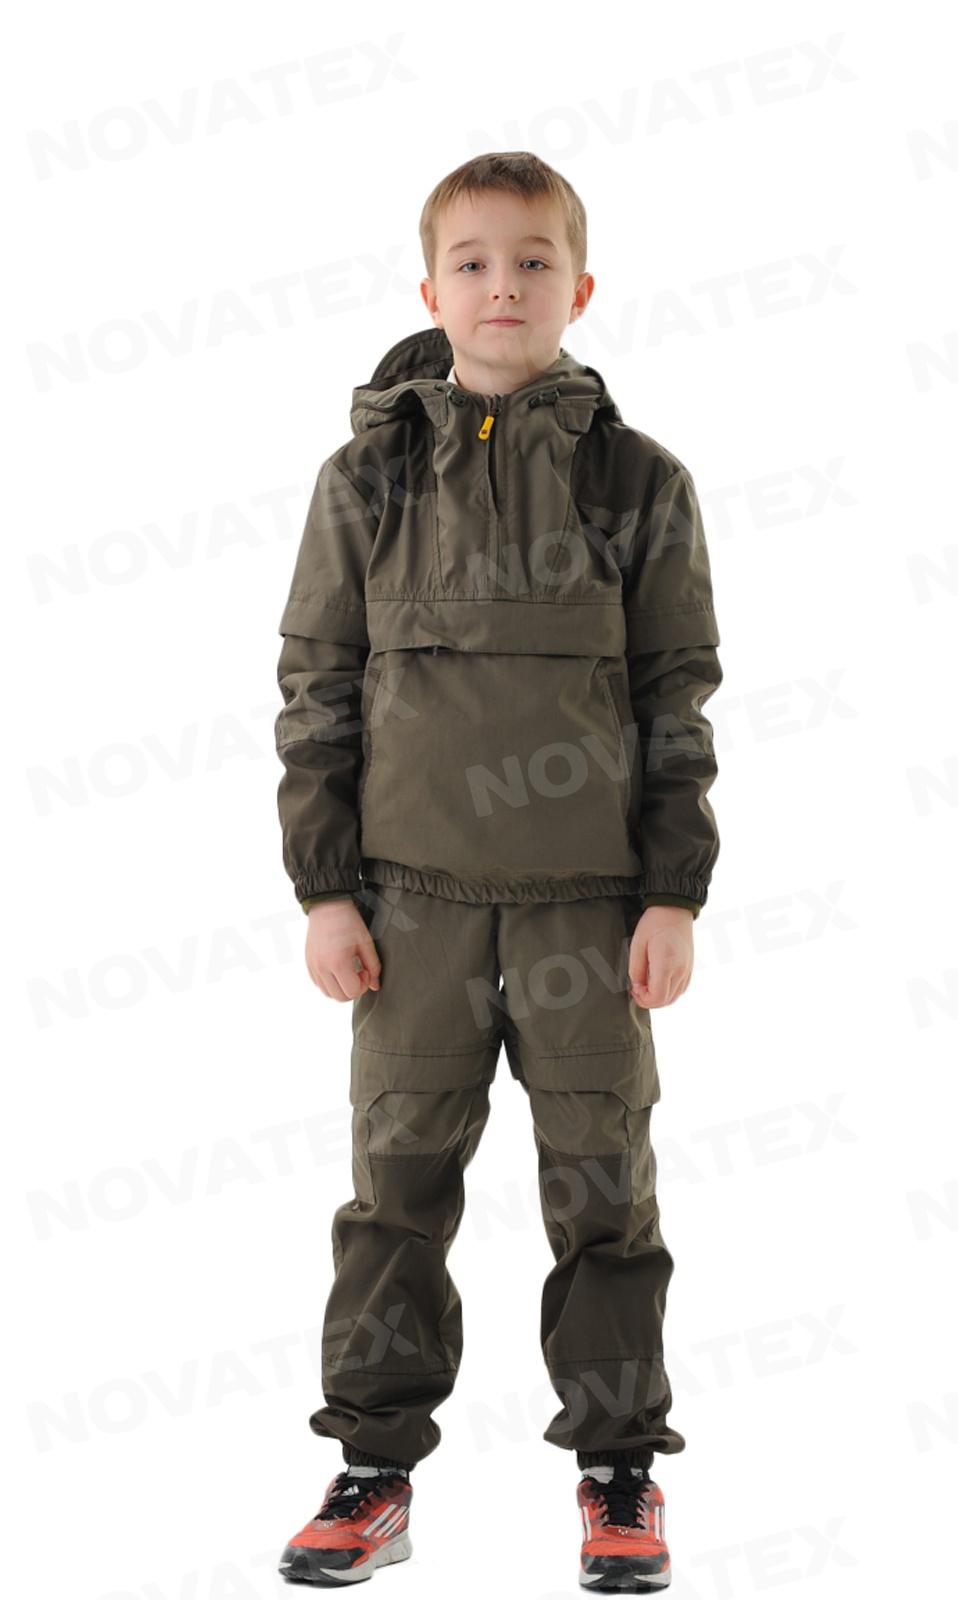 Костюм «Элит Барьер» (сорочка, кофе) детский Костюмы неутепленные<br>Костюм «Элит-Барьер» (ТМ «Payer») от Novatex разработан <br>на основе классического противоэнцефалитного <br>костюма. Этот костюм состоит из куртки типа <br>«анорак» с капюшоном и брюк прямого кроя. <br>Костюм оснащен специальными ловушками <br>для клещей и полностью пропитан специальным <br>акарицидным средством. В отличие от других <br>костюмов, обладает множеством защитных <br>кулис и ловушек с вставками под пропитку <br>акарицидными средствами. Сетка накомарника <br>съемная и легко убирается в потайной карман. <br>Тонкая и в то же время прочная ткань сорочка <br>создает надежную защиту, позволяет телу <br>«дышать» и повышает шансы своевременного <br>обнаружения насекомых. Рукава оснащены <br>плотными трикотажными манжетами. Область <br>коленей усилена дополнительным слоем ткани. <br>Этот костюм отлично подойдет для всех, кто <br>много бывает в лесу.<br><br>Пол: унисекс<br>Сезон: лето<br>Цвет: оливковый